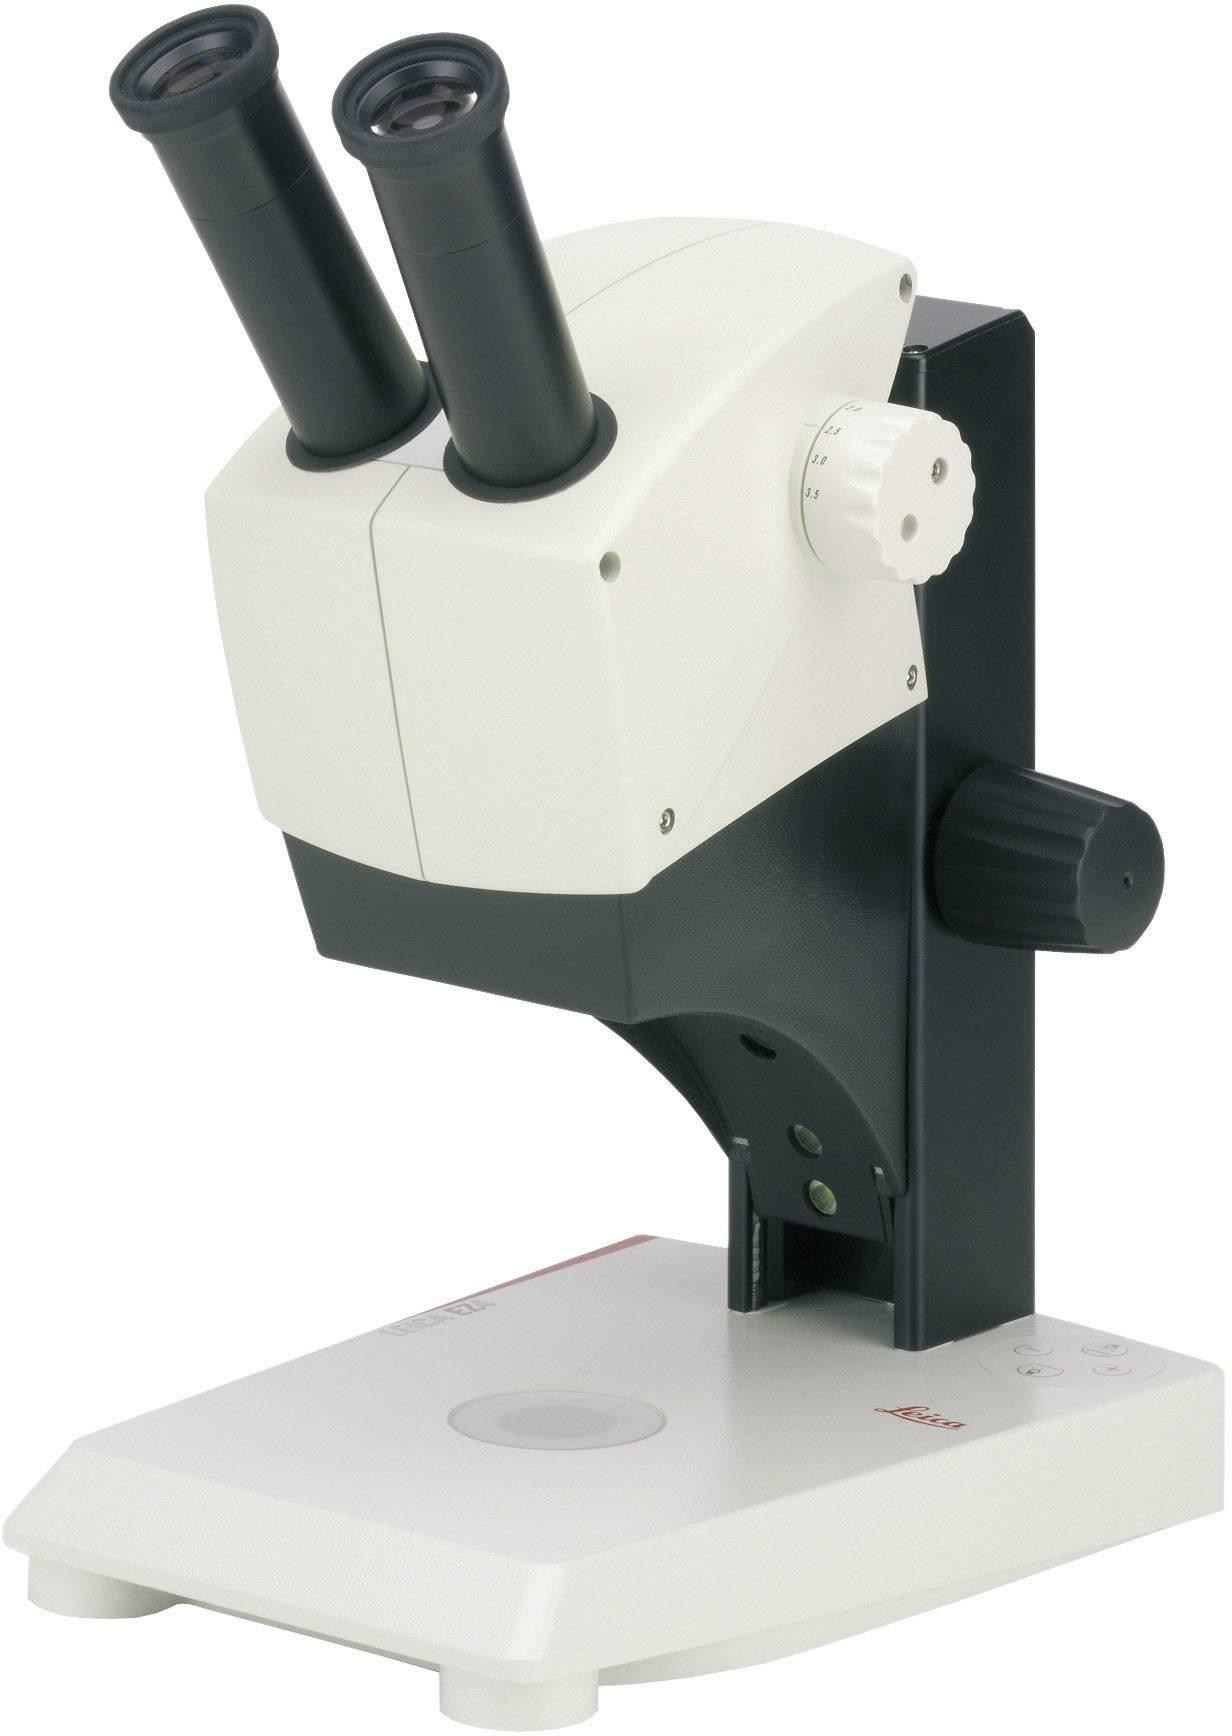 Stereomikroskop 10X/20 Leica EZ4, 10447197